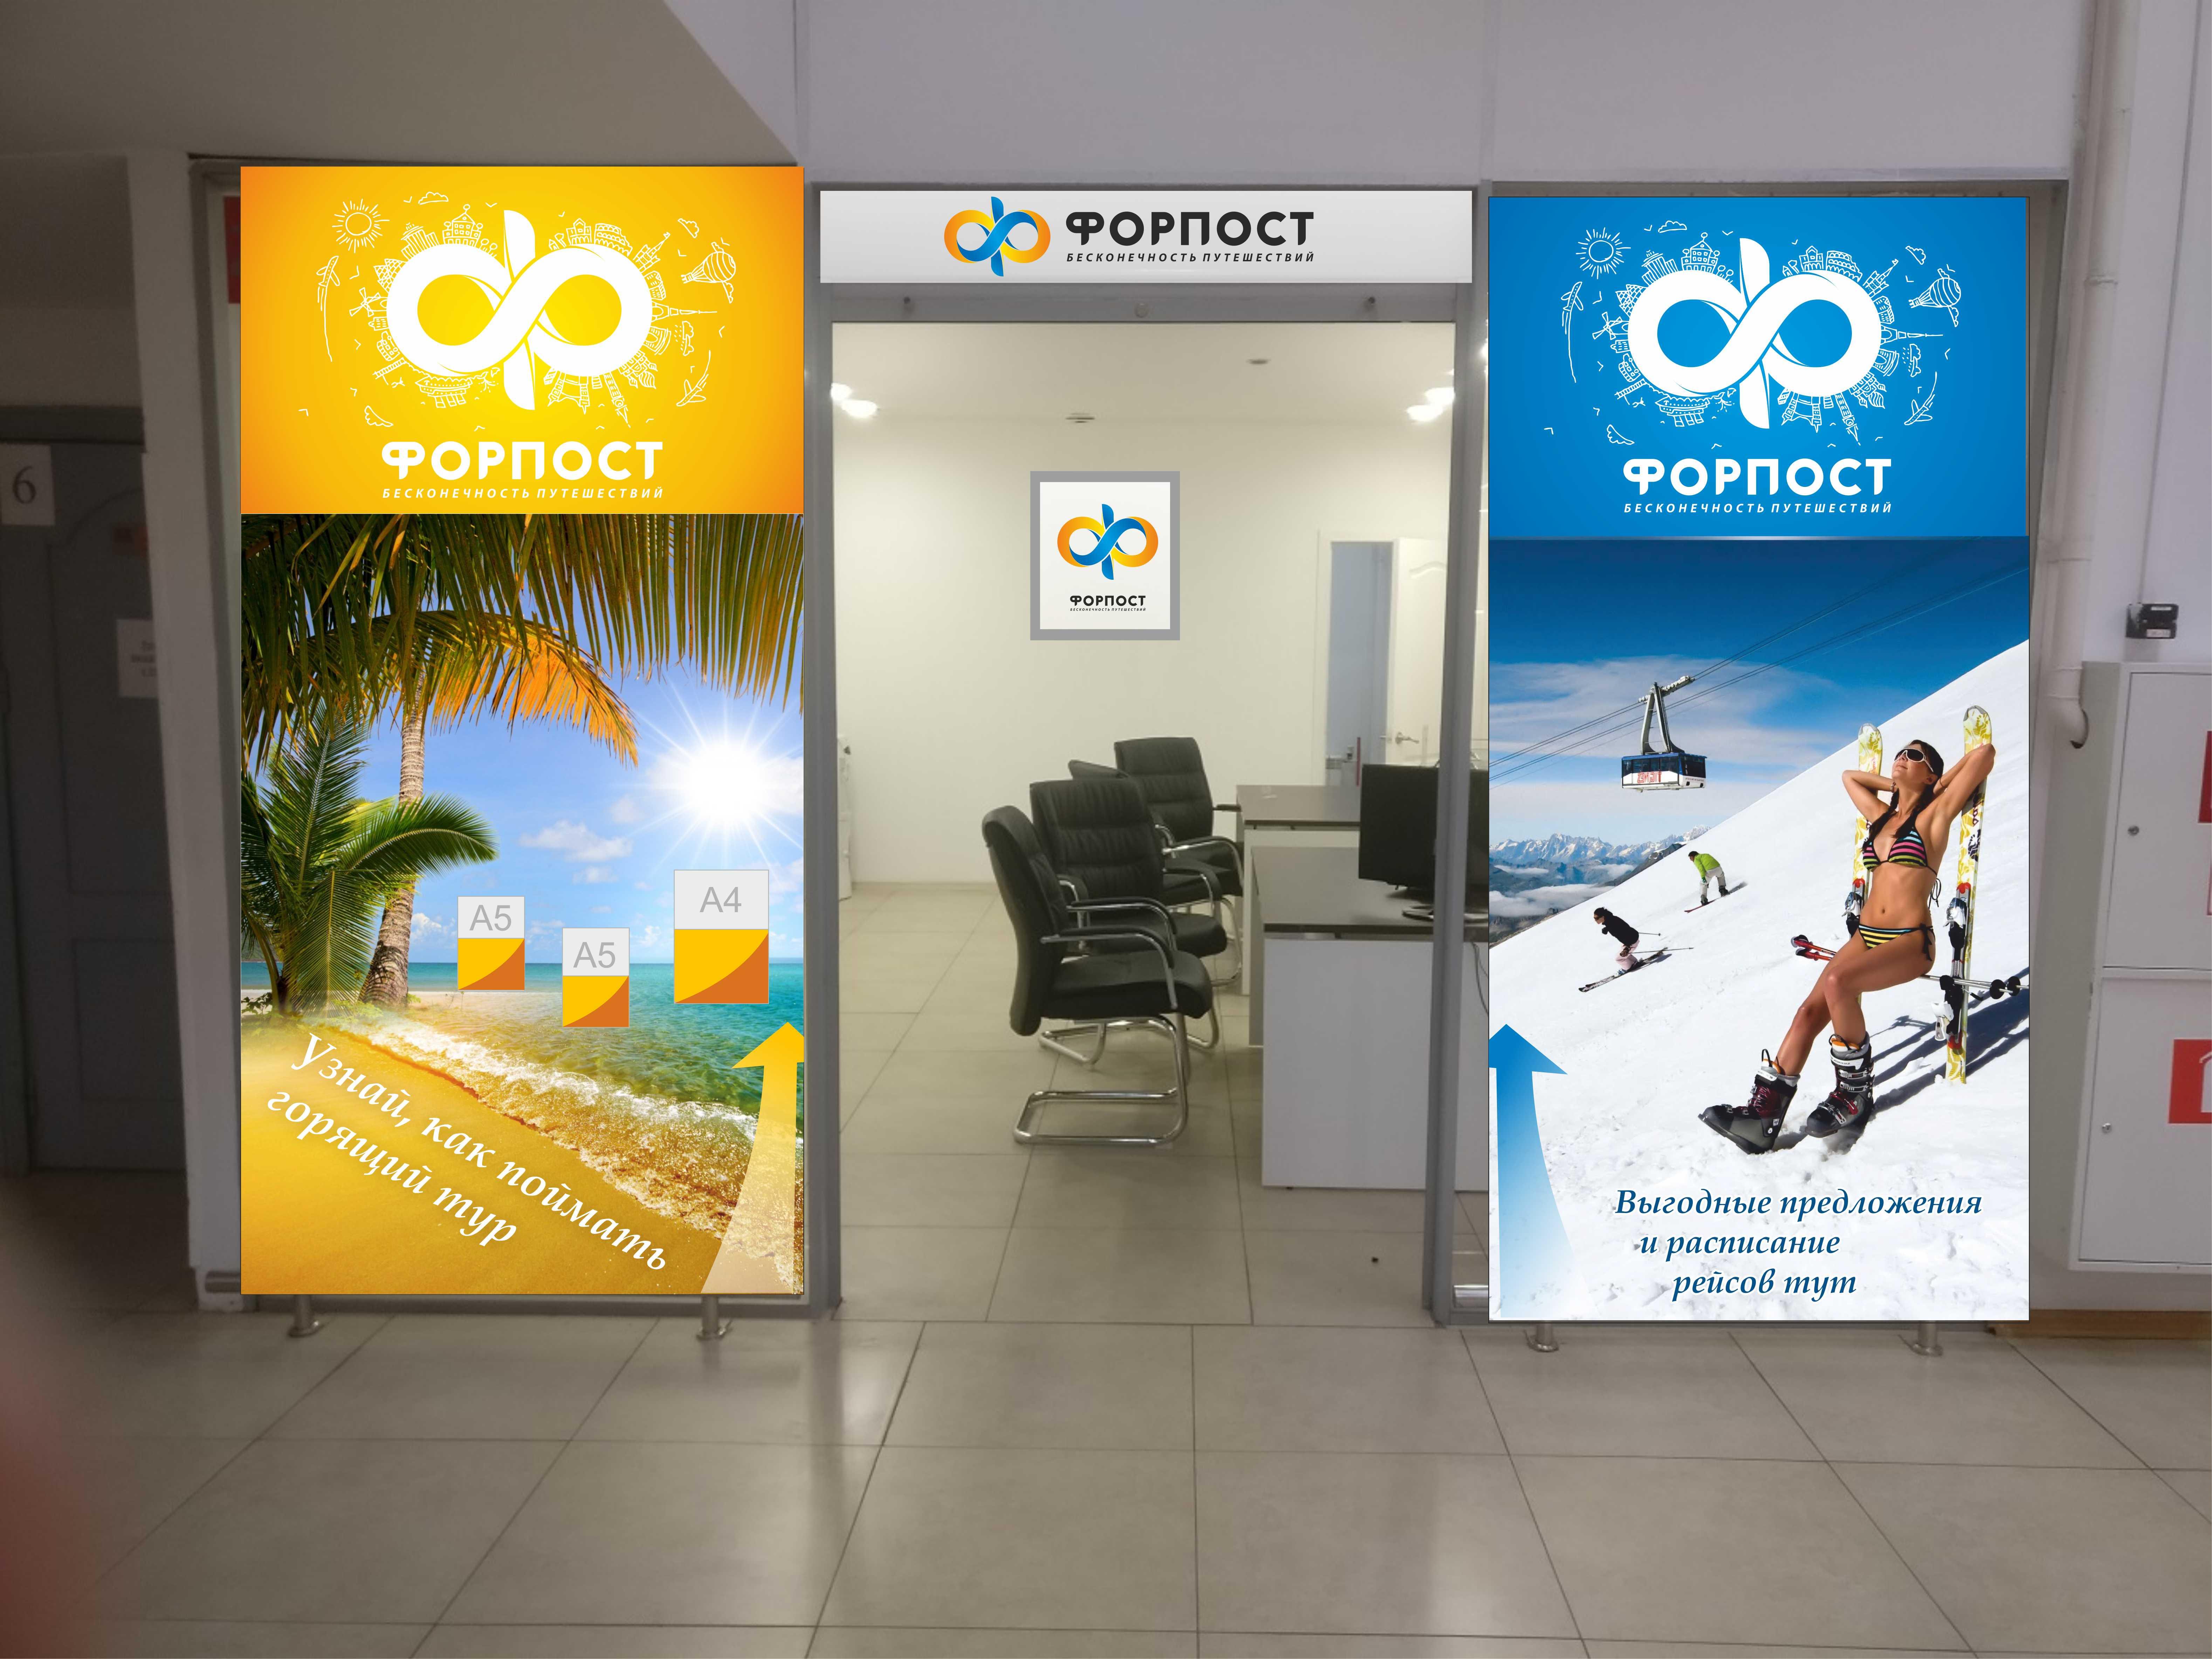 Дизайн двух плакатов фото f_9685a0c494f2d43d.jpg